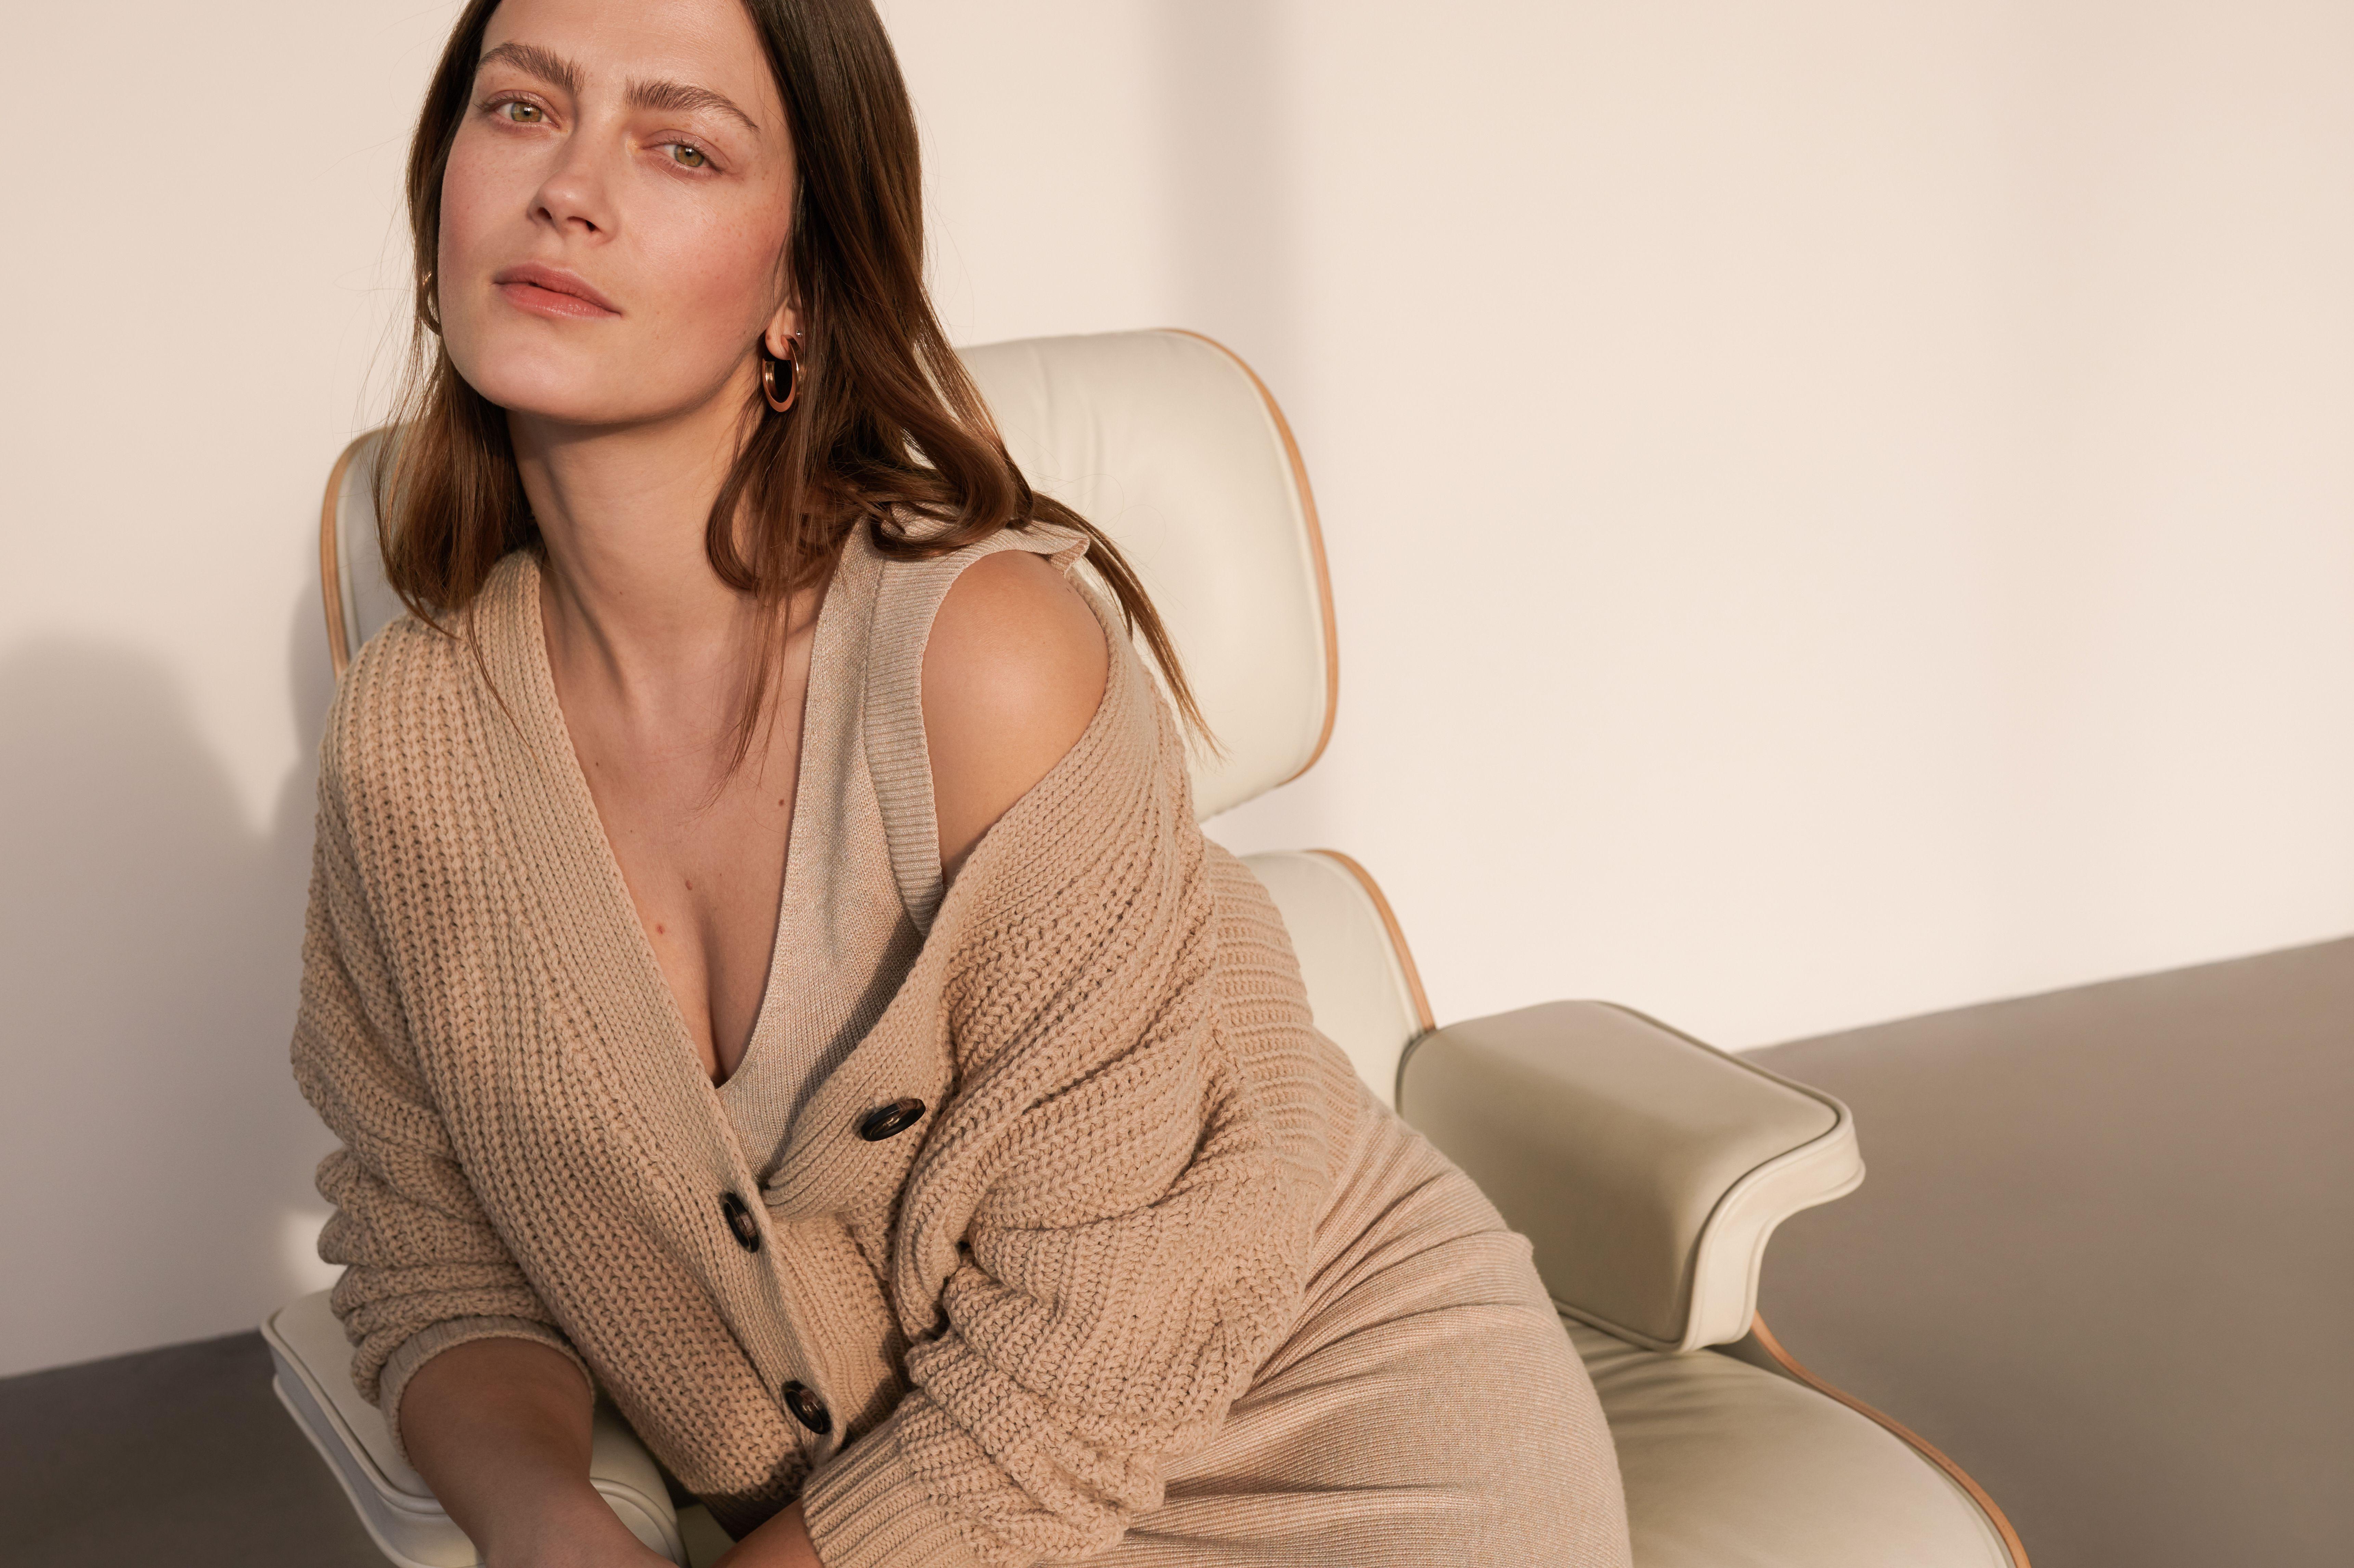 Predstavljamo #ReservedForMum kolekciju za stylish buduće mame